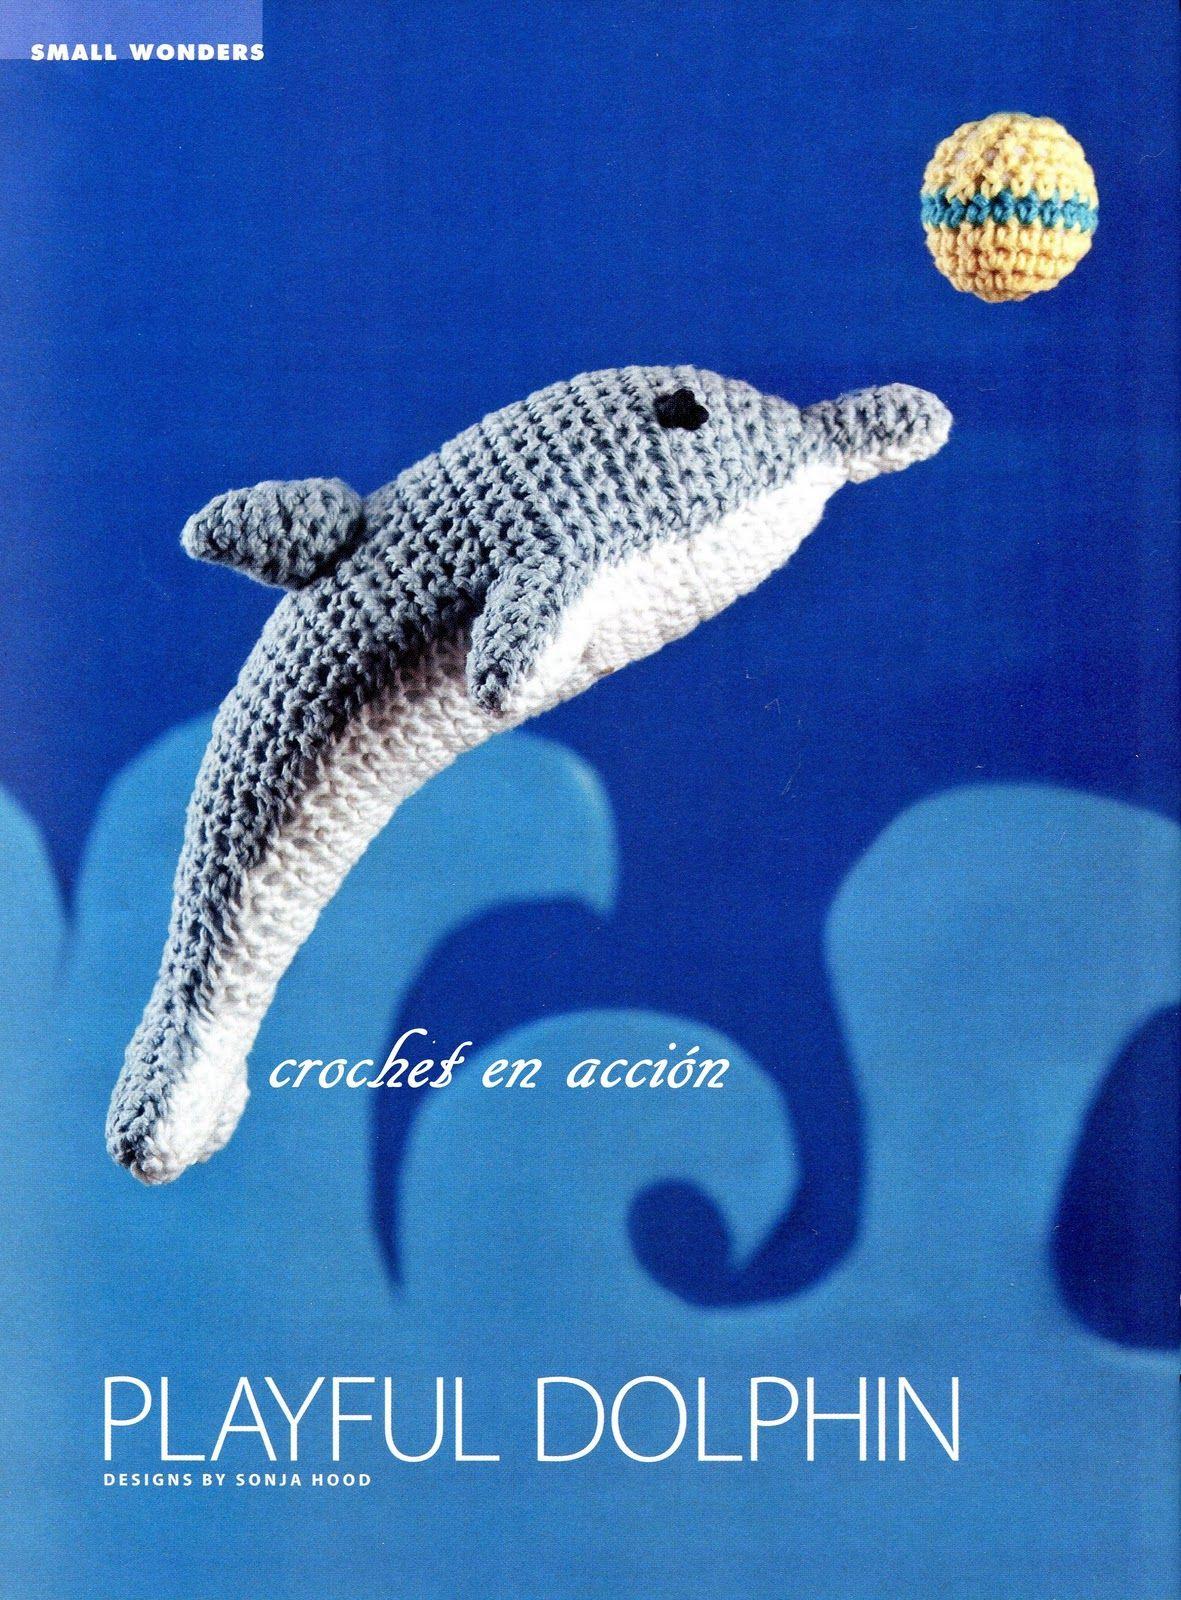 Crochet En Acción El Dolphin Amigurumi Pinterest Häkeln